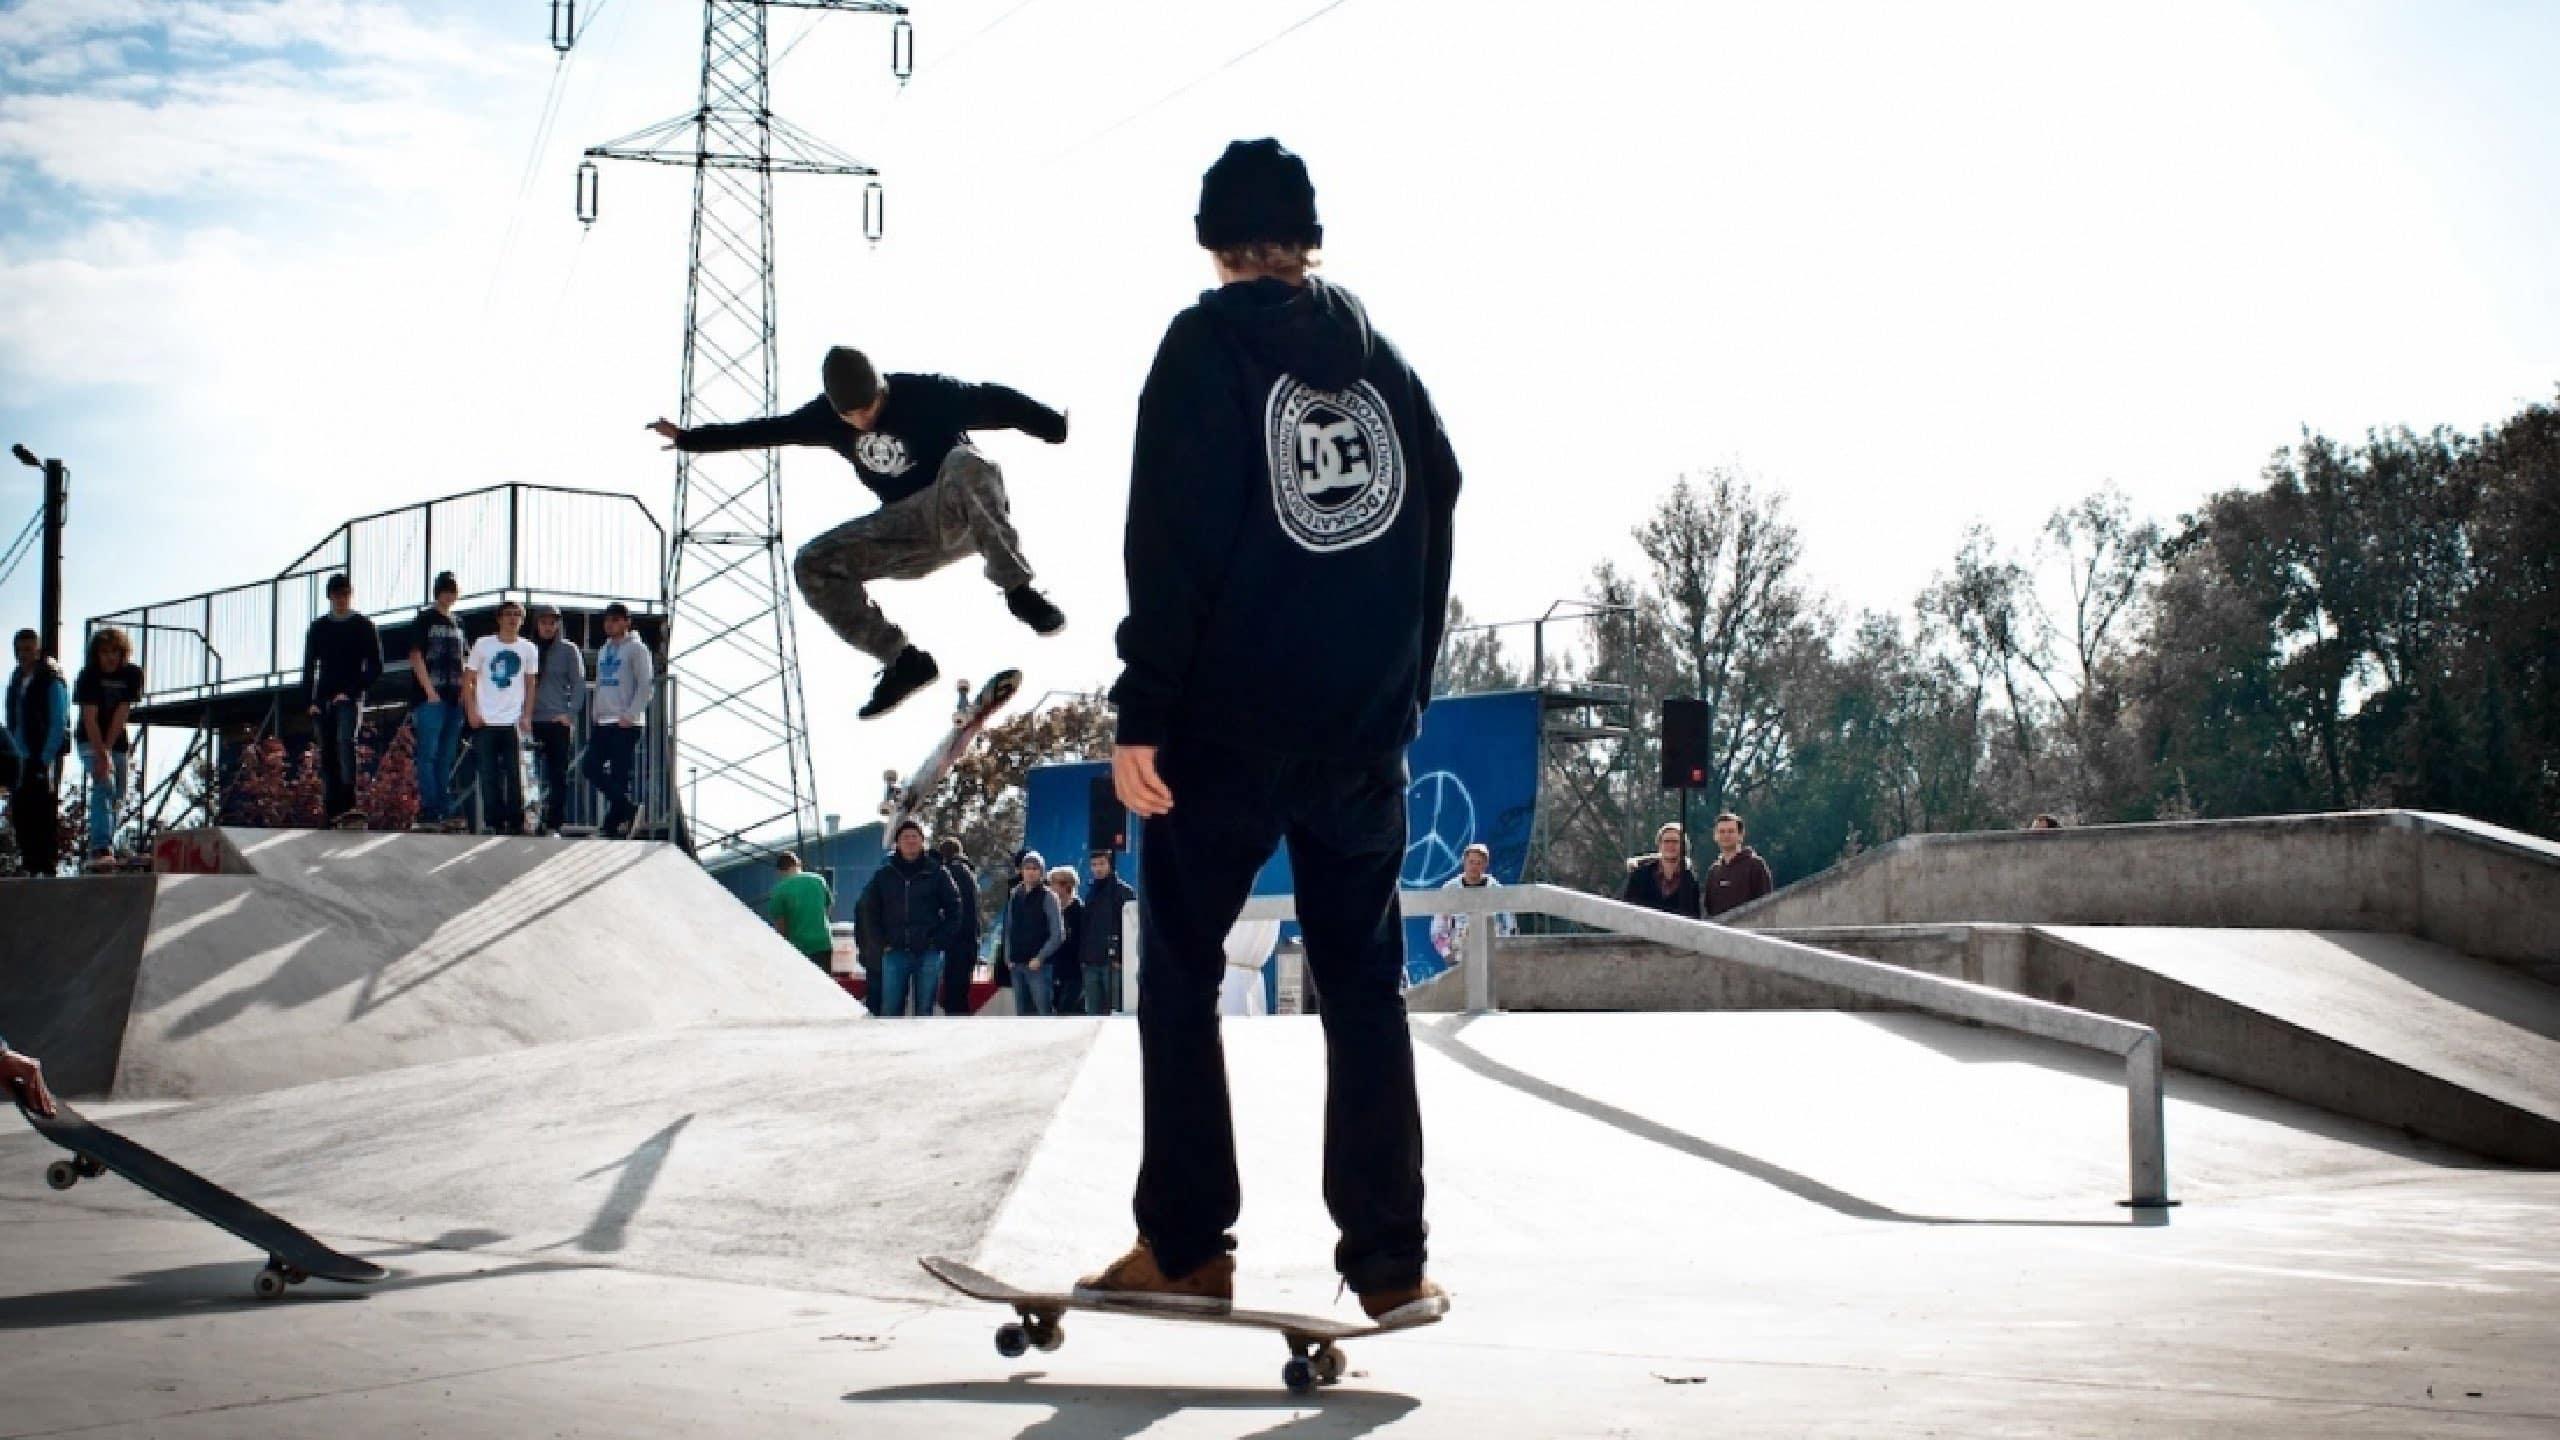 Skatepark Graz Gruenanger Georg Kettele Alexander Rauch United Everyting 1